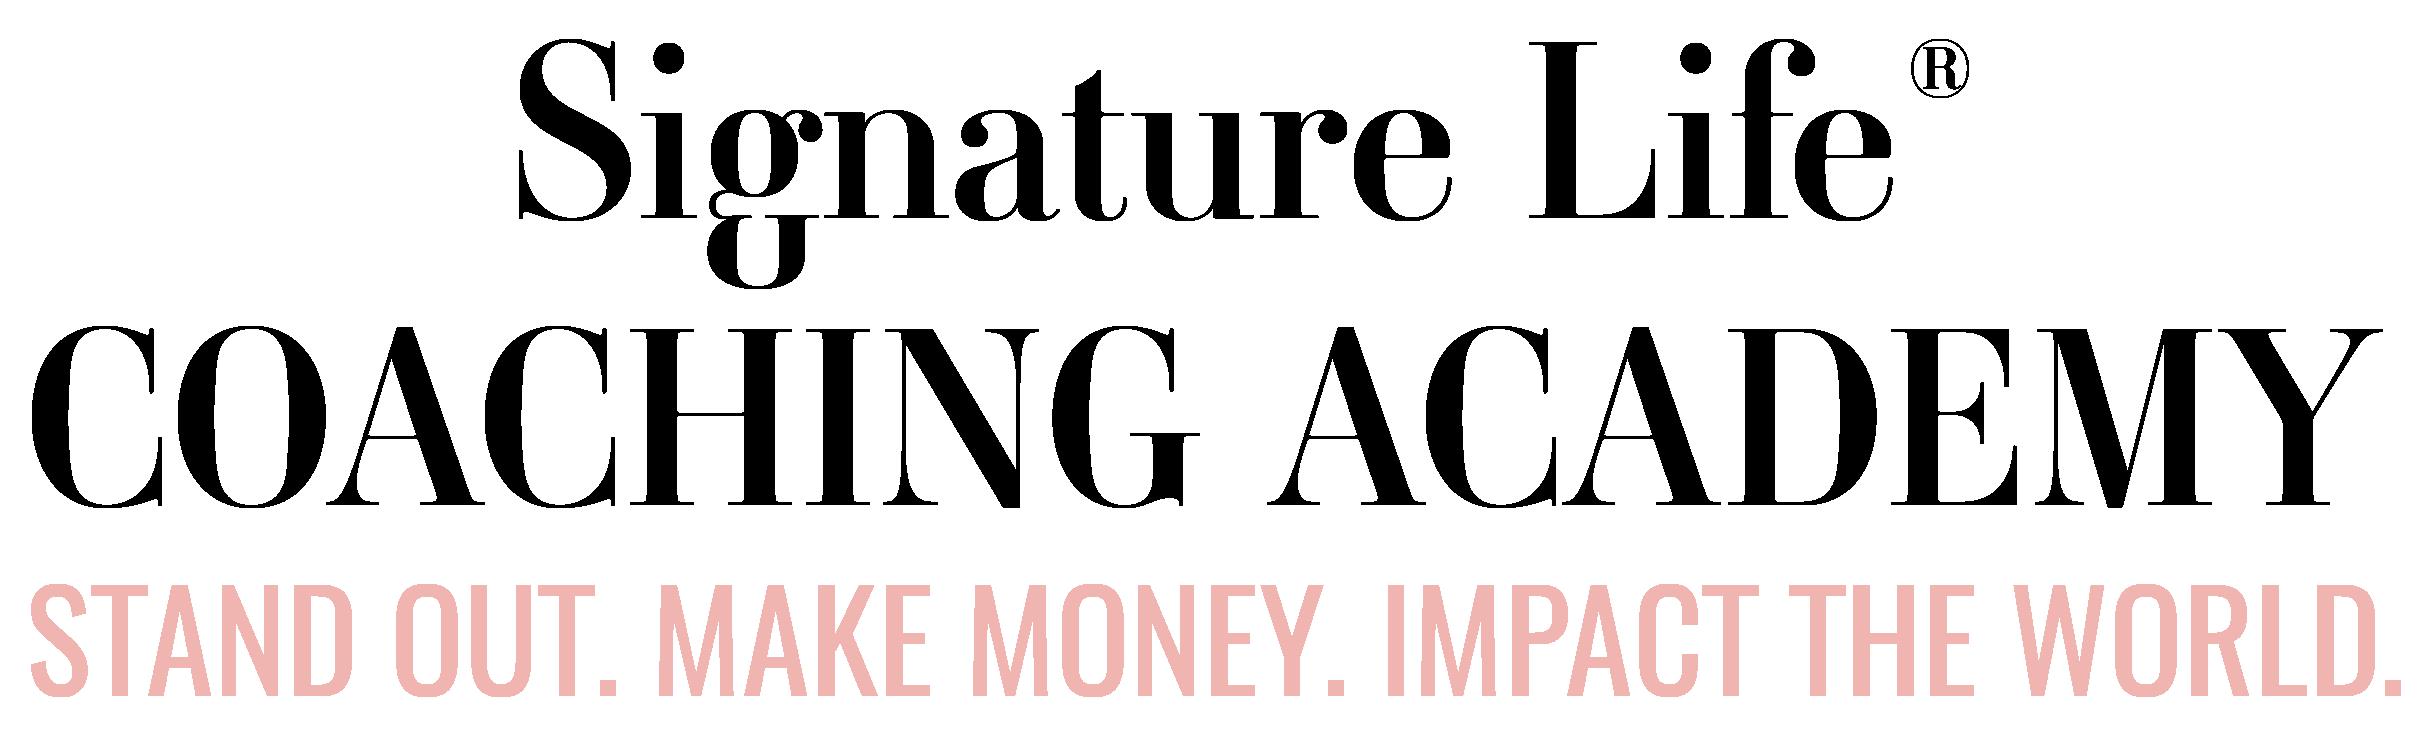 Coaching-Academy-logo-01 (5).png